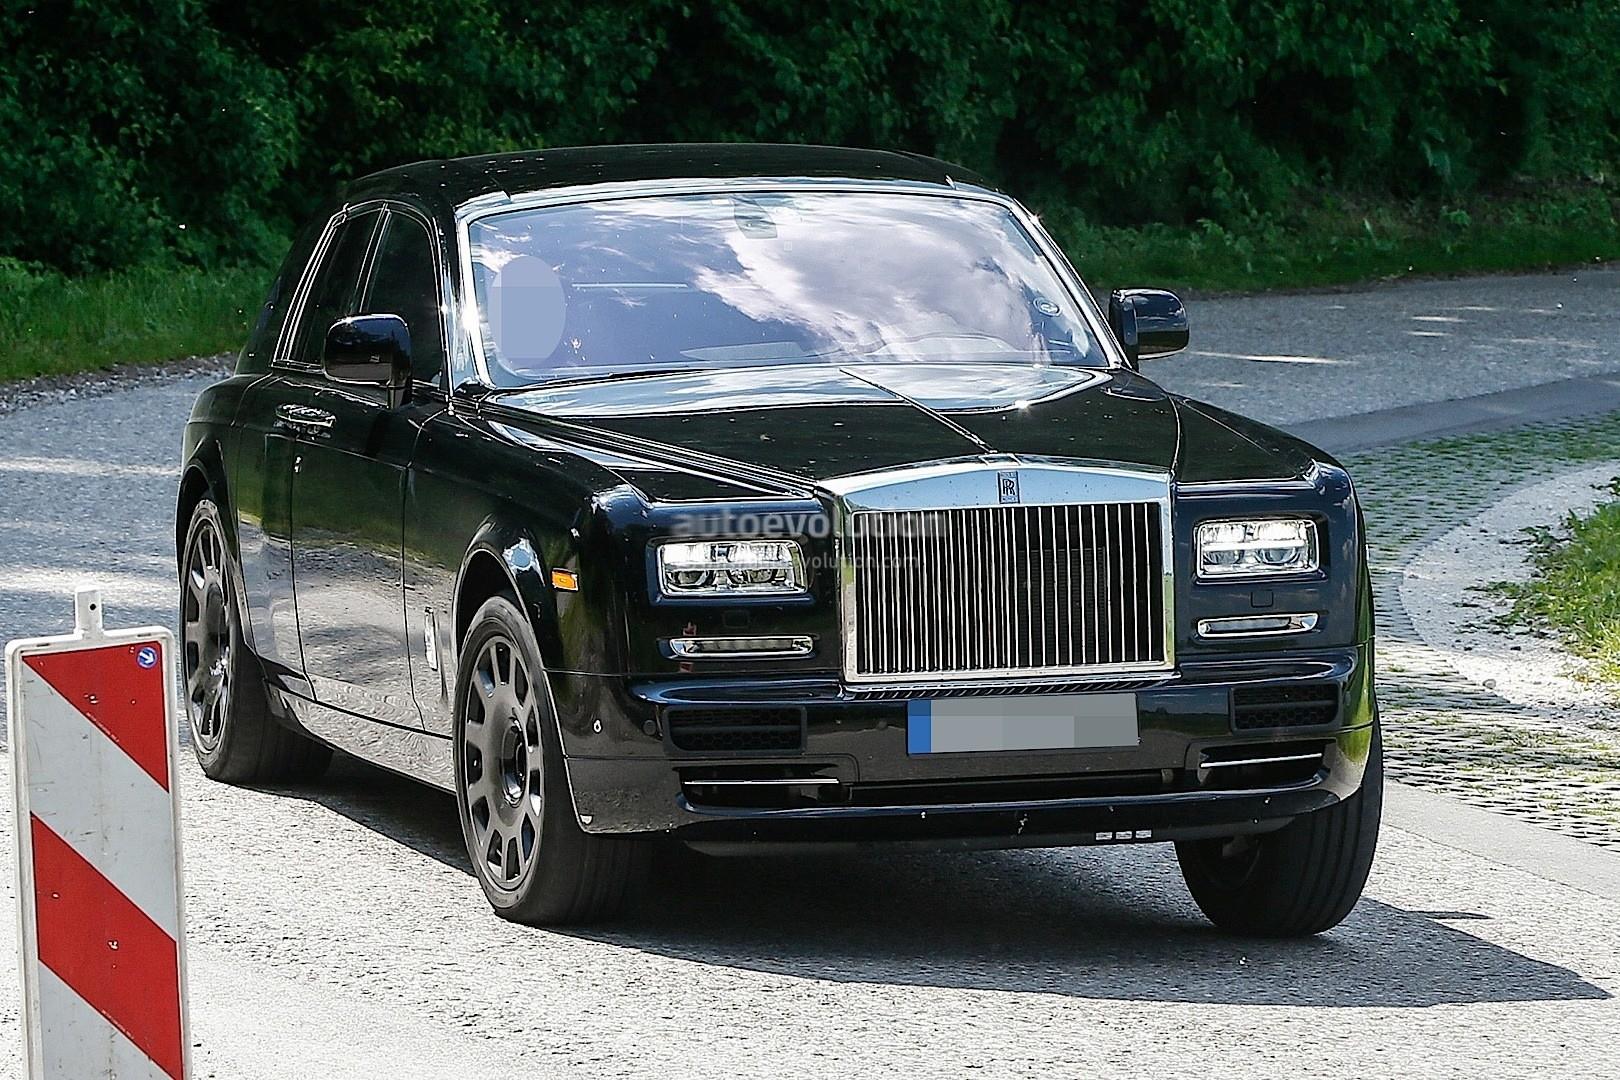 2017 - [Rolls-Royce] SUV Cullinan - Page 6 2018-rolls-royce-cullinan-suv-spied-testing-new-dashboard_14